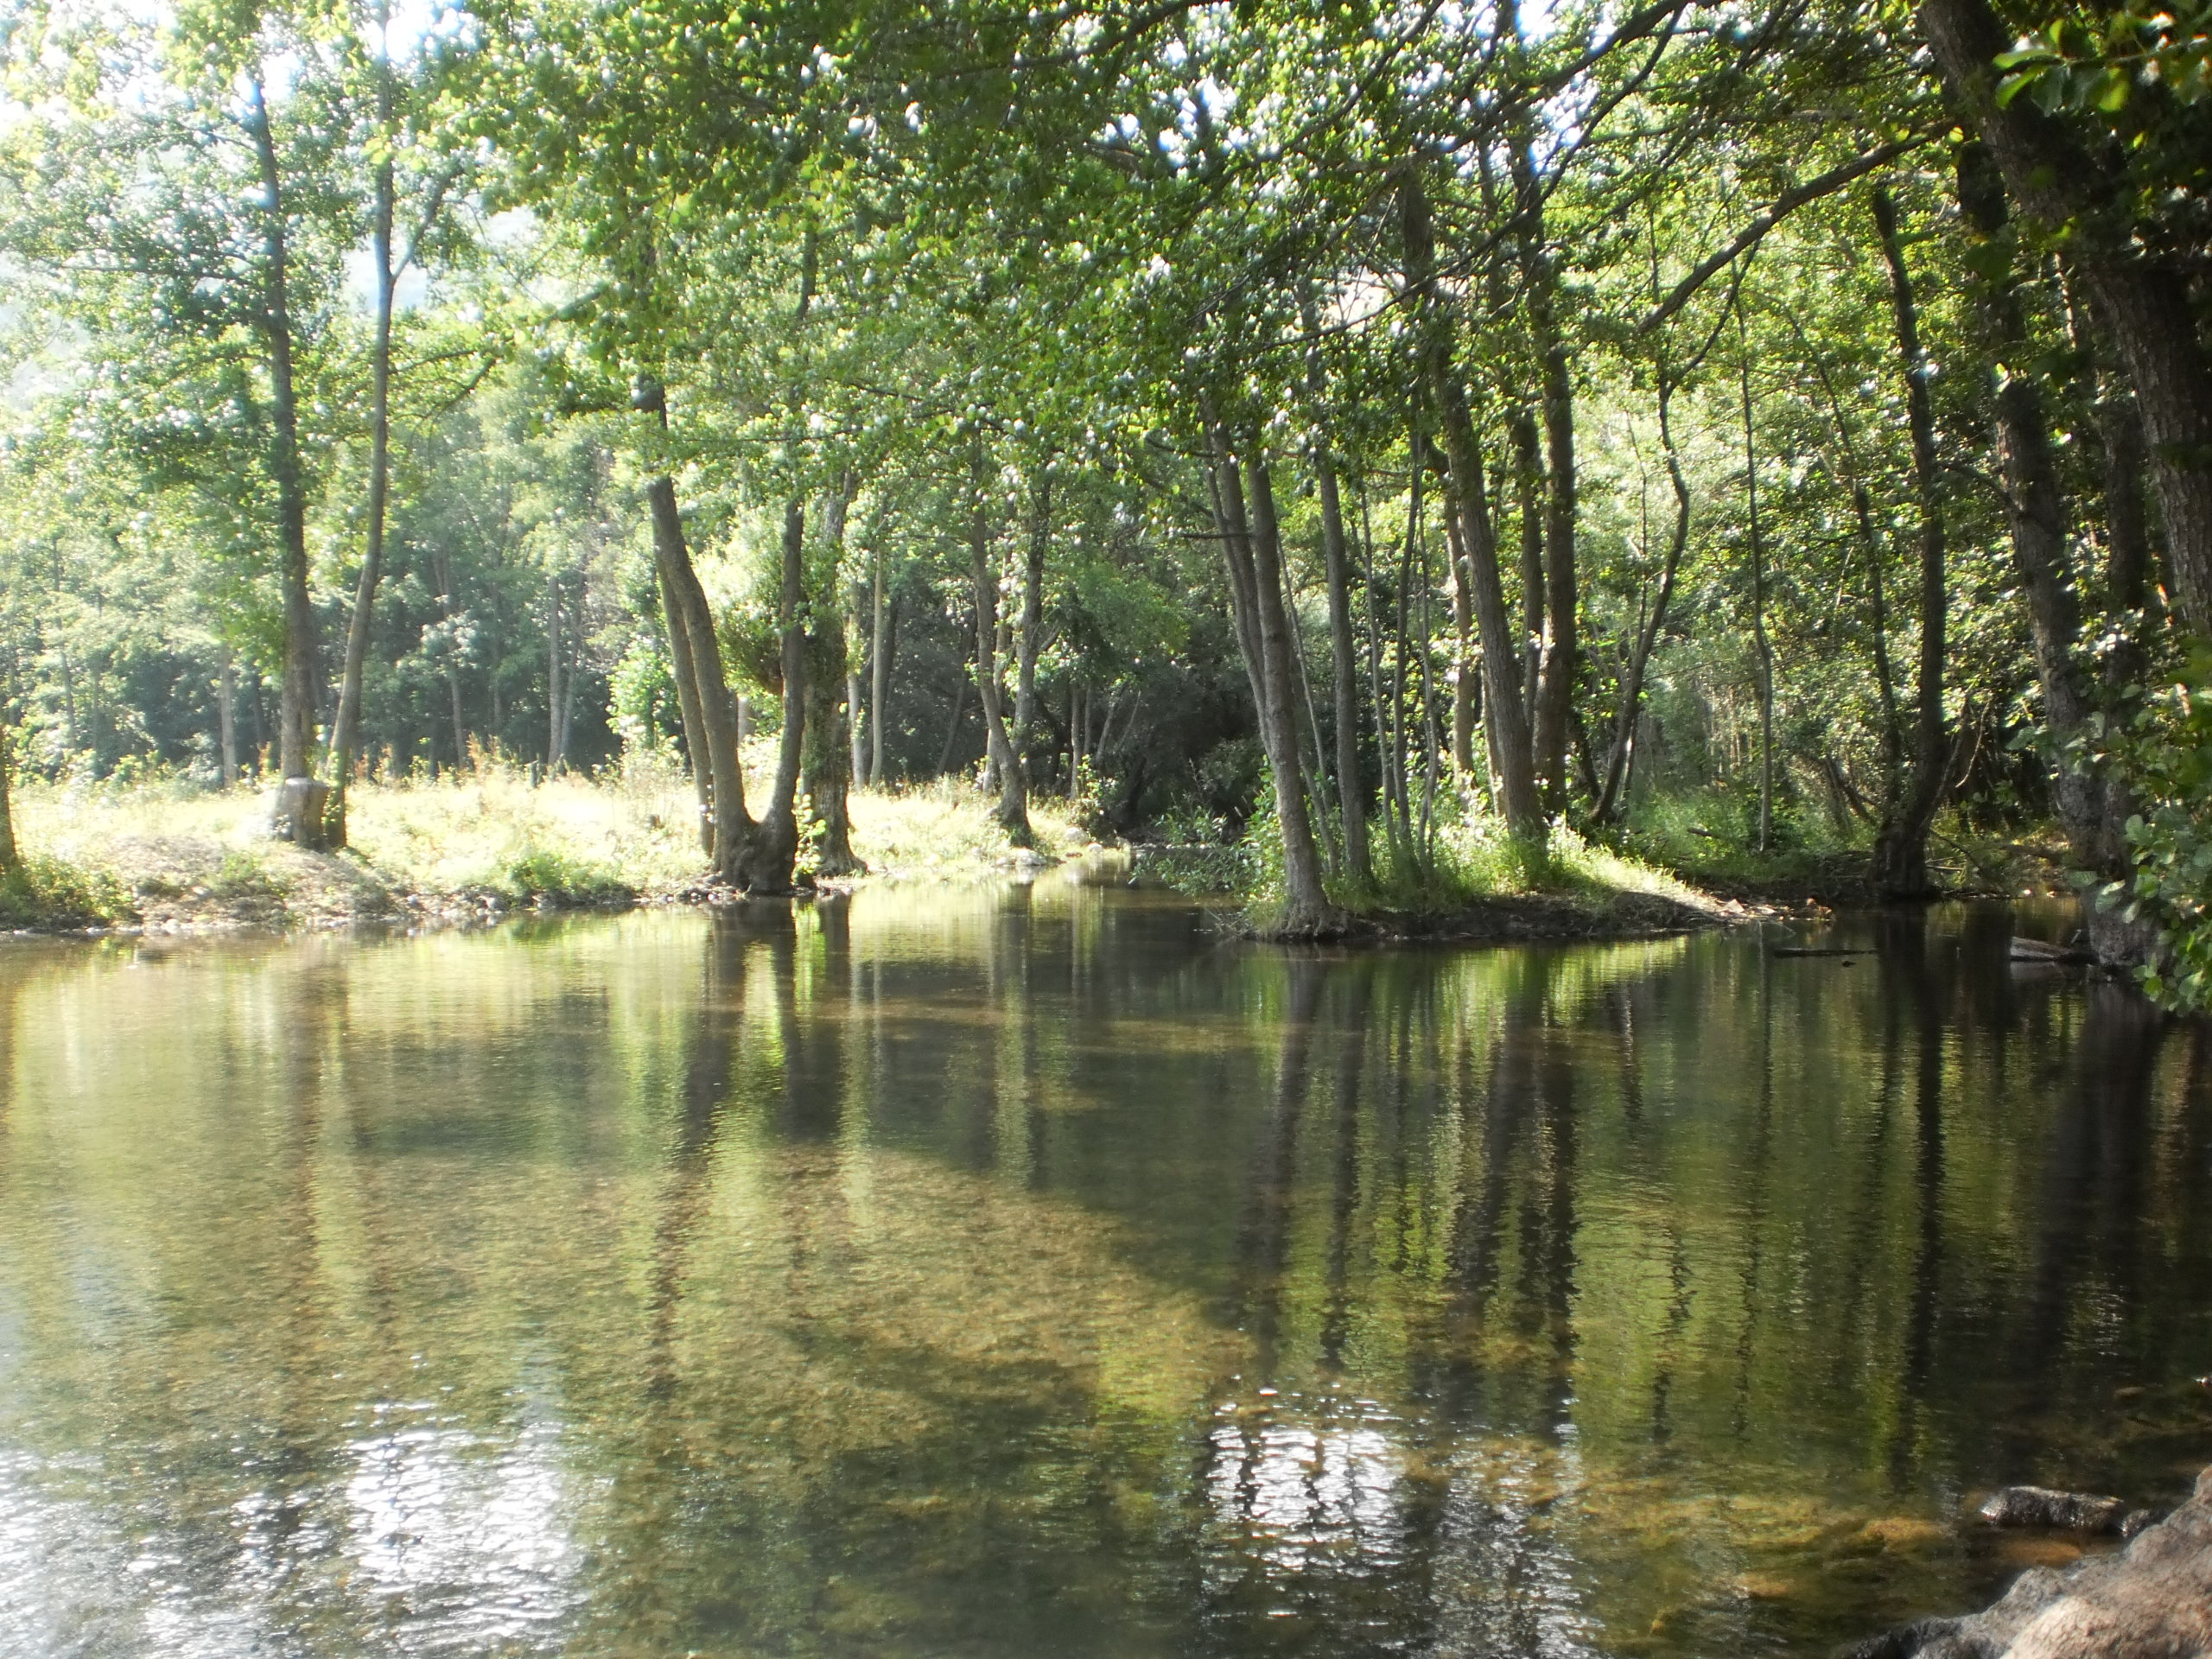 Image of Šujica_River.JPG#: http://commons.wikimedia.org/wiki/Special:FilePath/Šujica_River.JPG